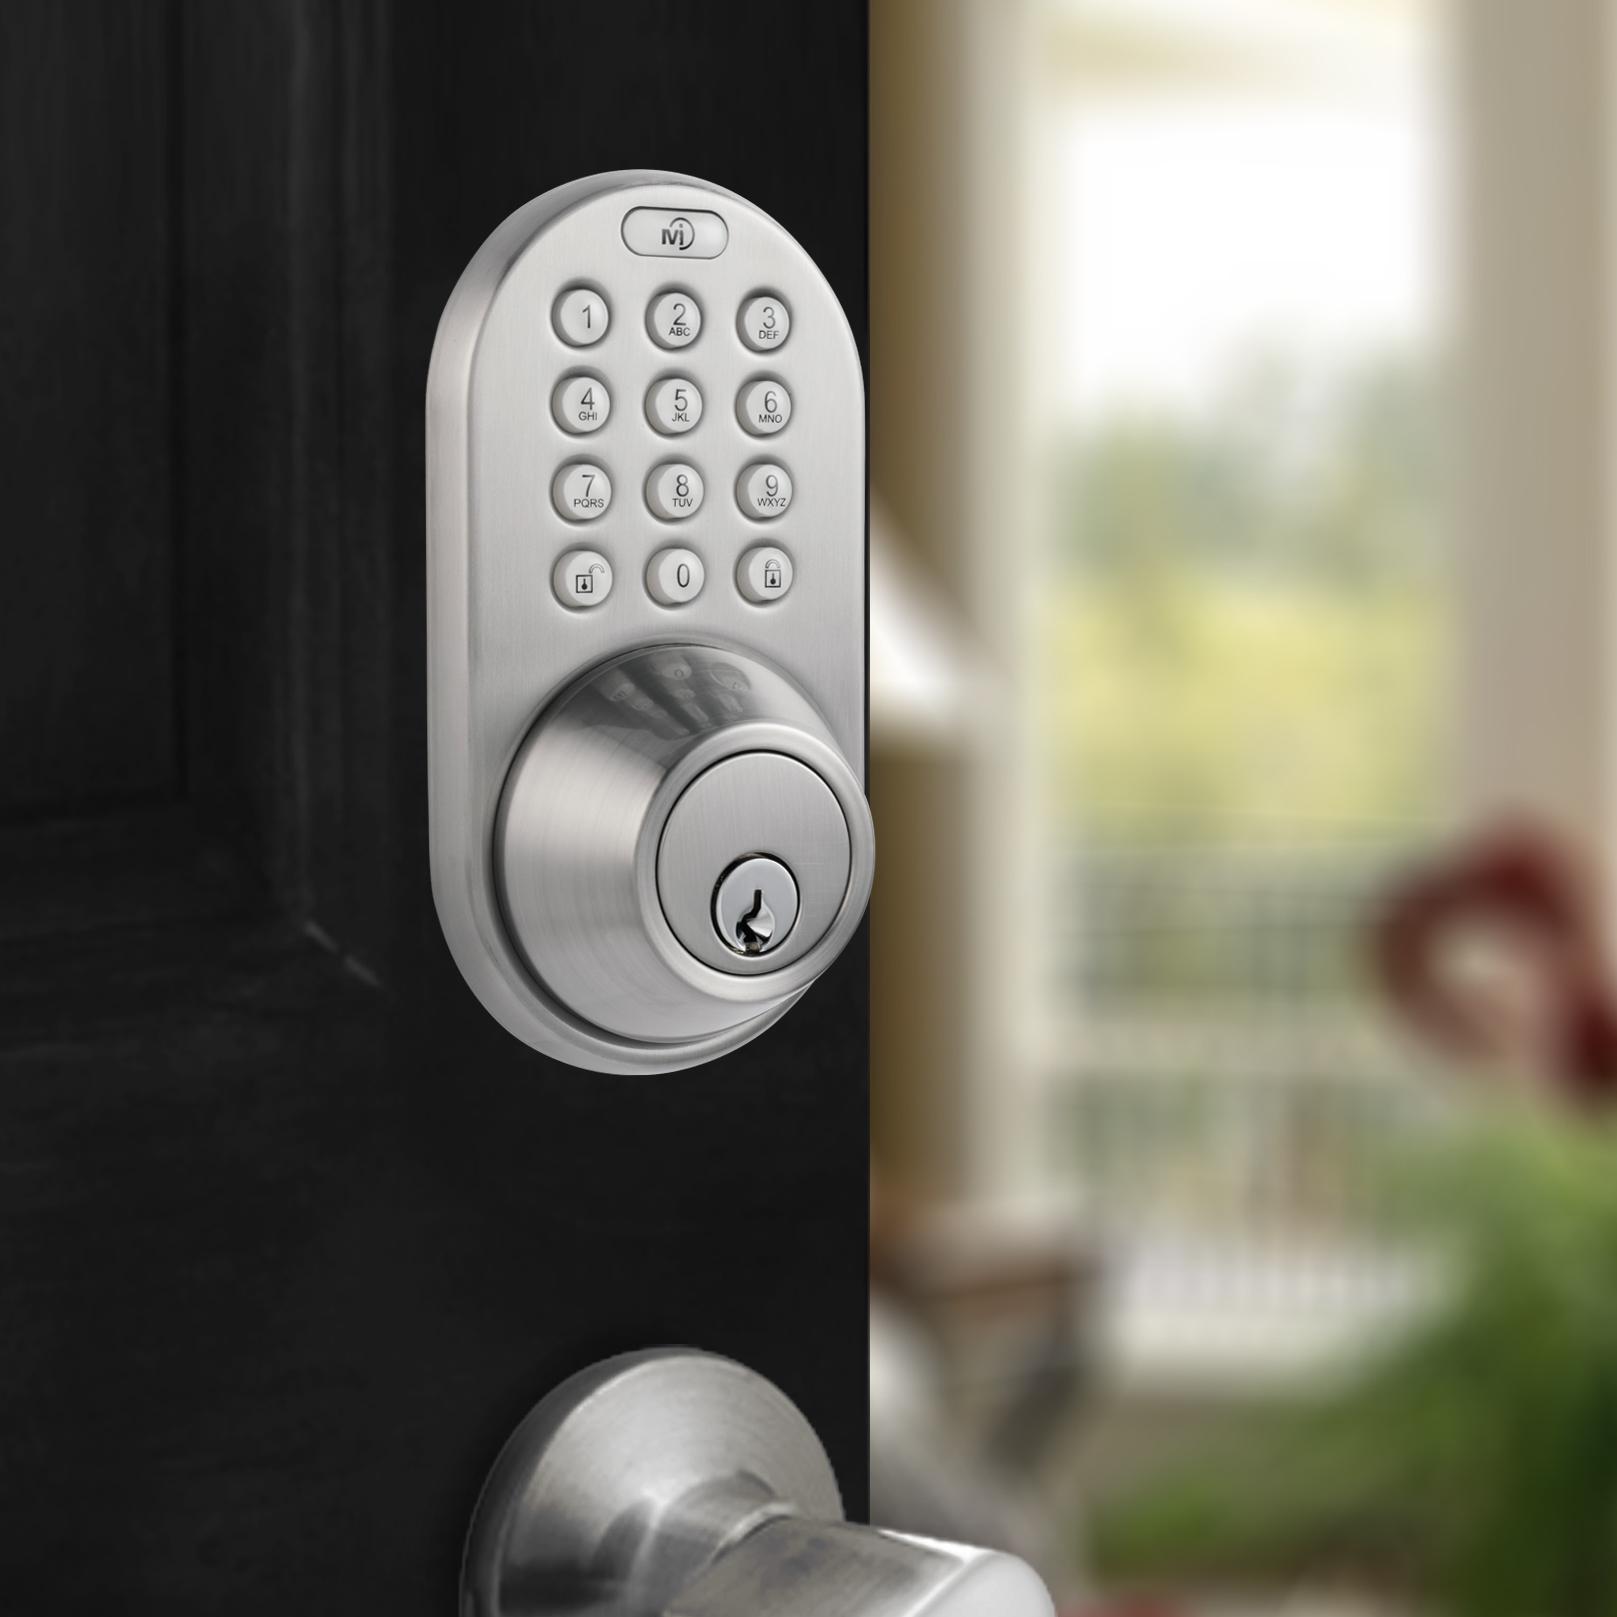 Milocks Df 02sn Keyless Entry Touchpad Deadbolt Door Lock